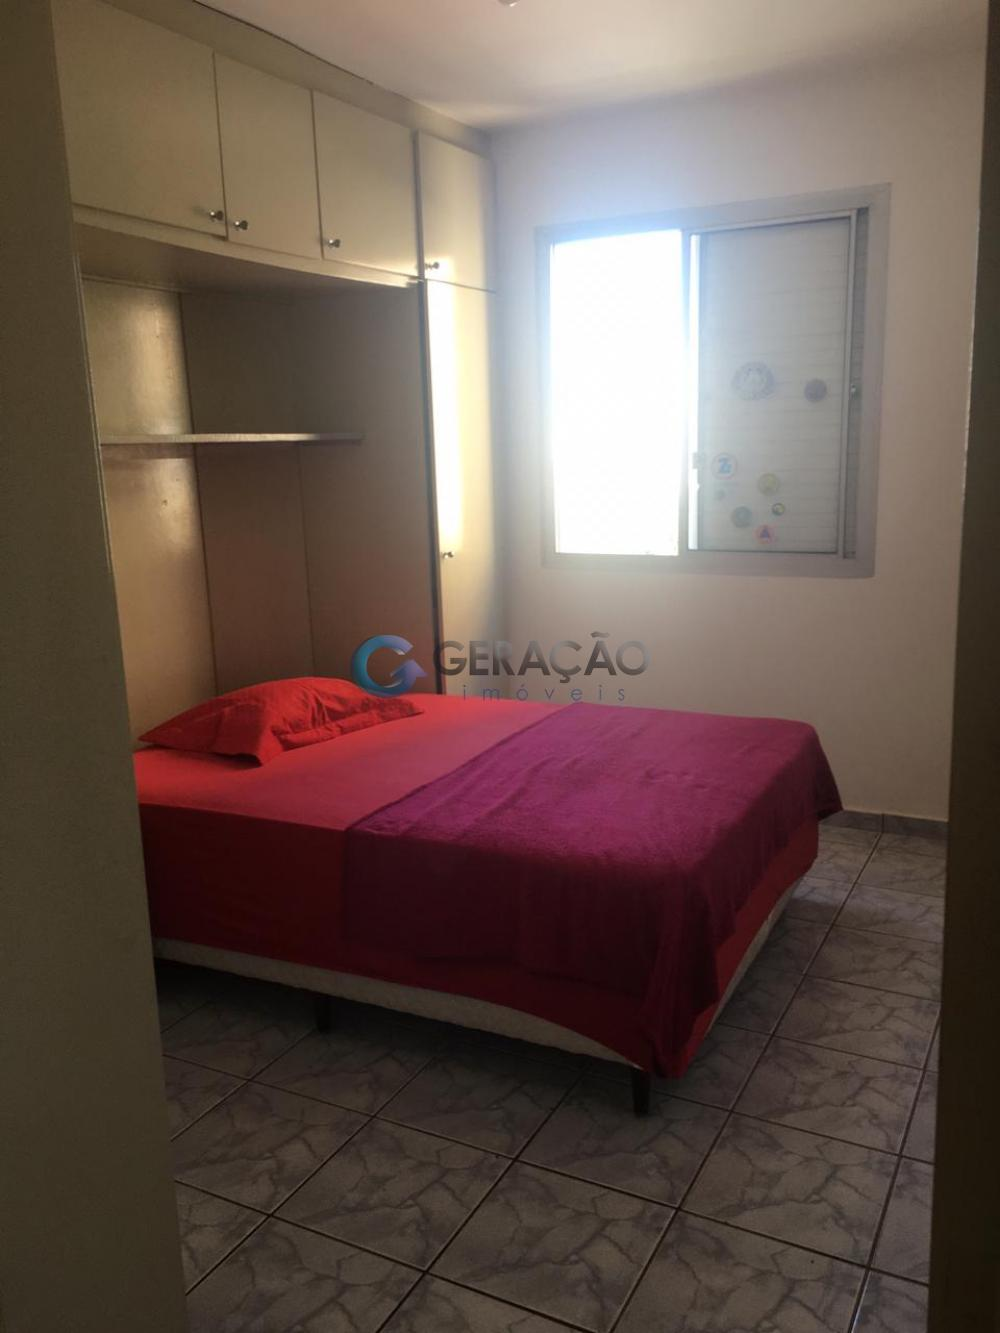 Comprar Apartamento / Padrão em São José dos Campos R$ 190.000,00 - Foto 8